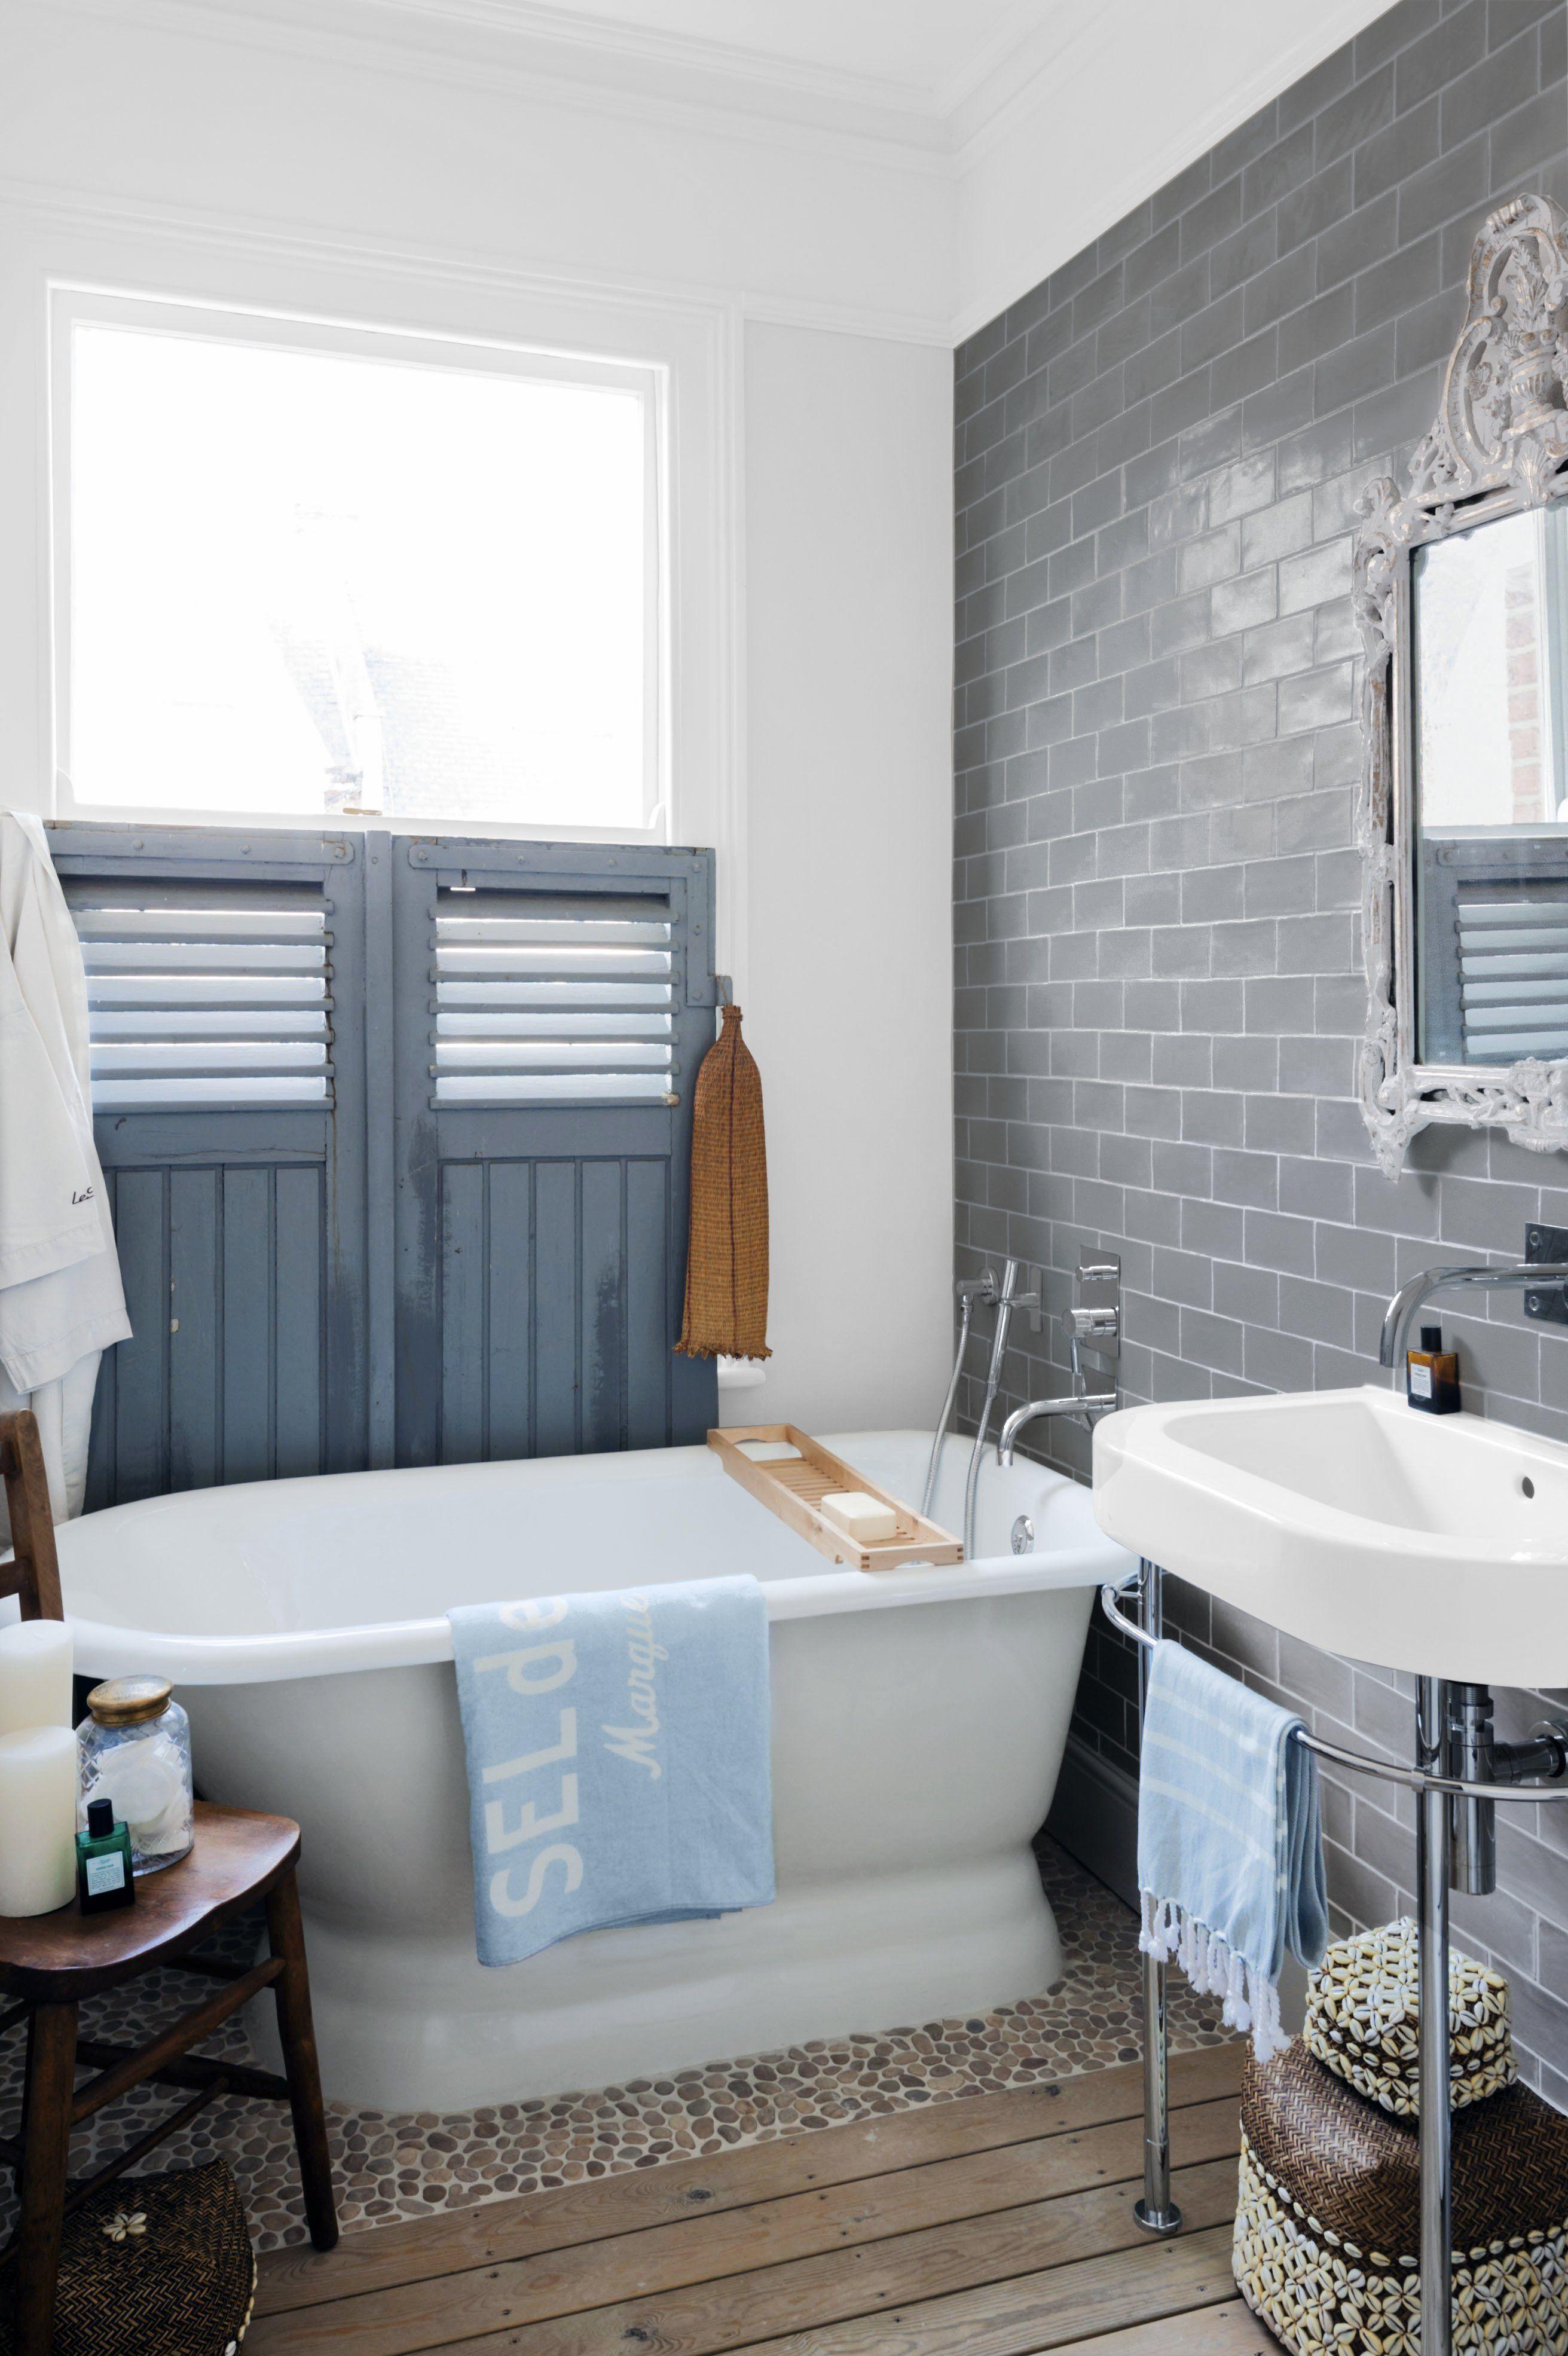 20 Budget Friendly Bath Ideas 20 Budget Friendly Bath